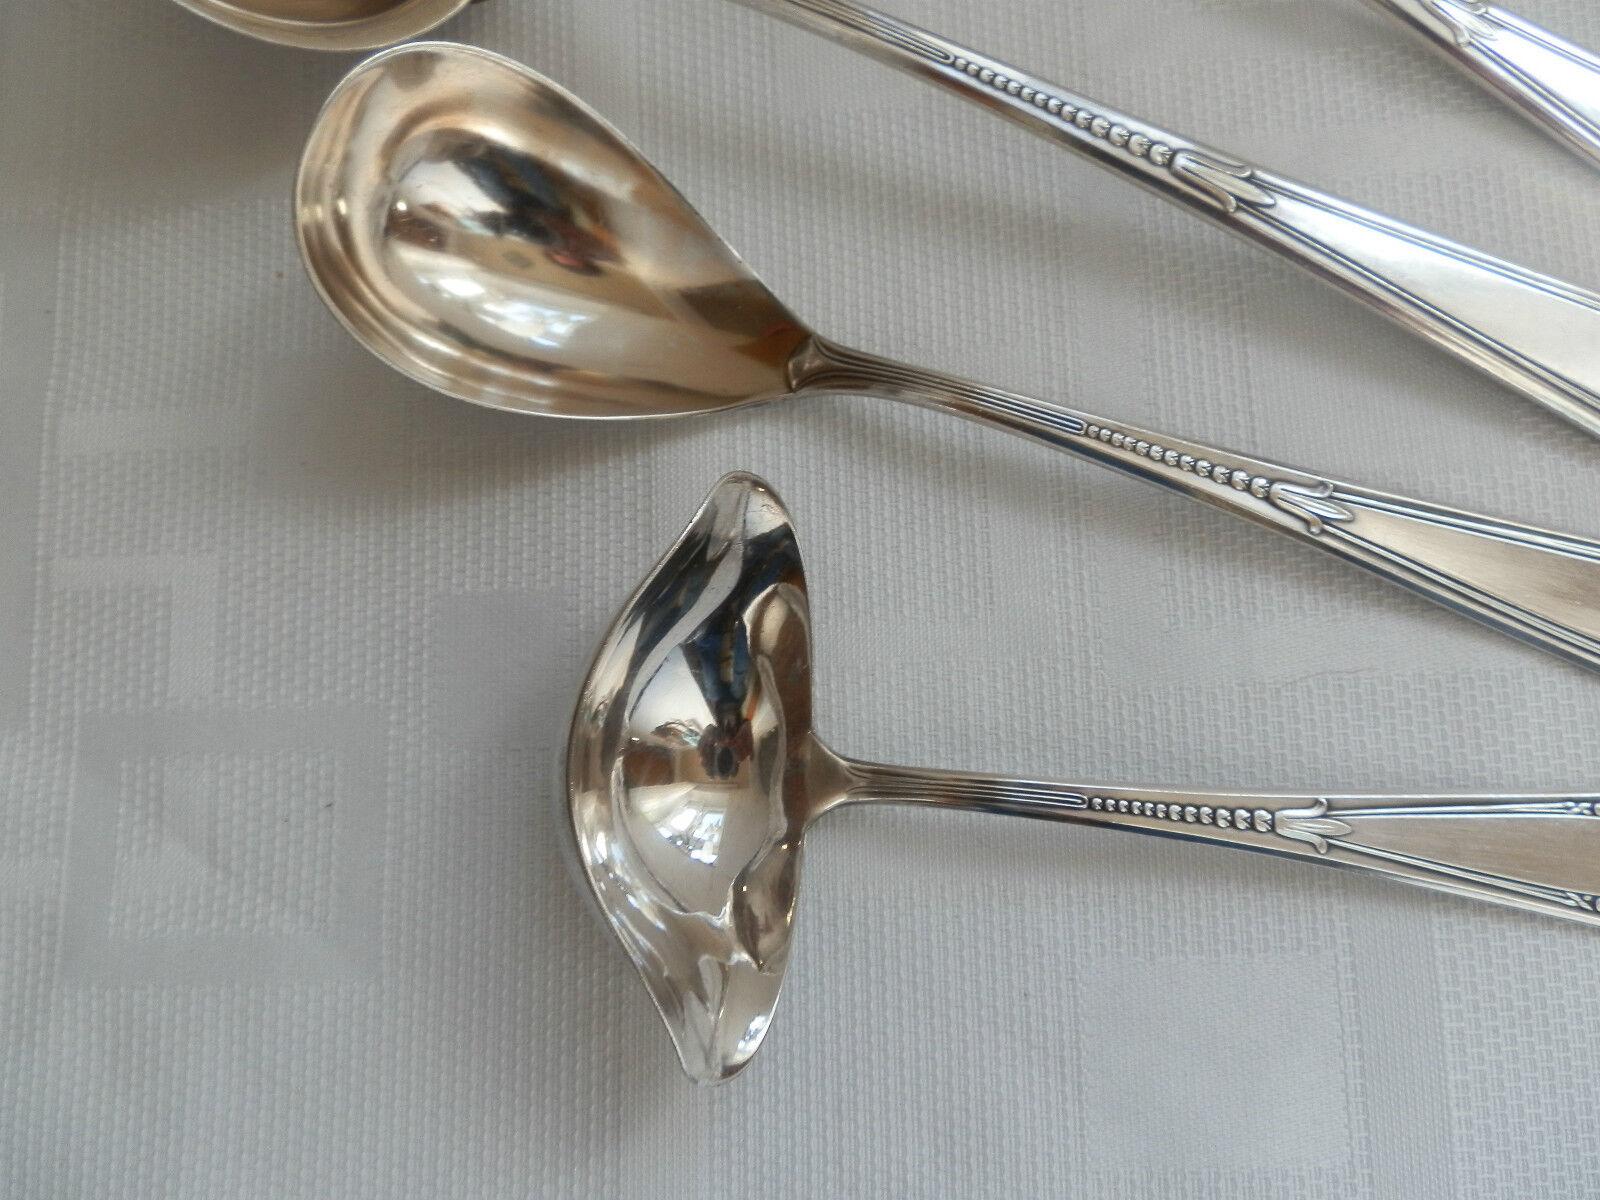 WMF 400 Röschenmuster Röschen Vorleger 10 10 10 Teile  90er Silber  I O Silber  TOP     | Stil  198444